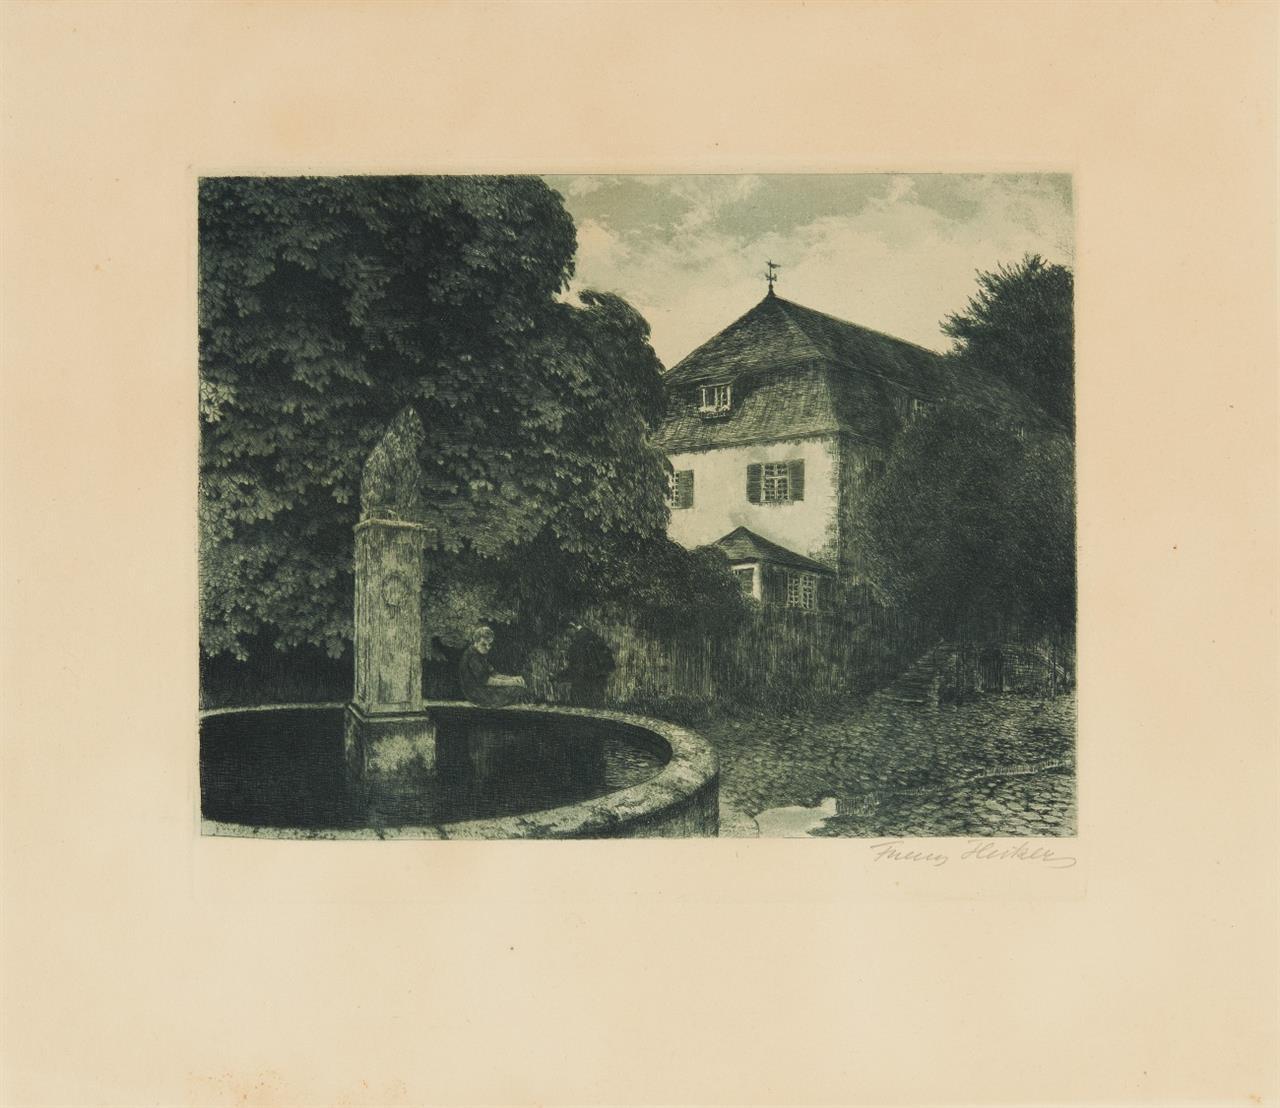 Franz Hecker. Am Brunnen. (1909). Radierung in Grüngrau. Signiert.